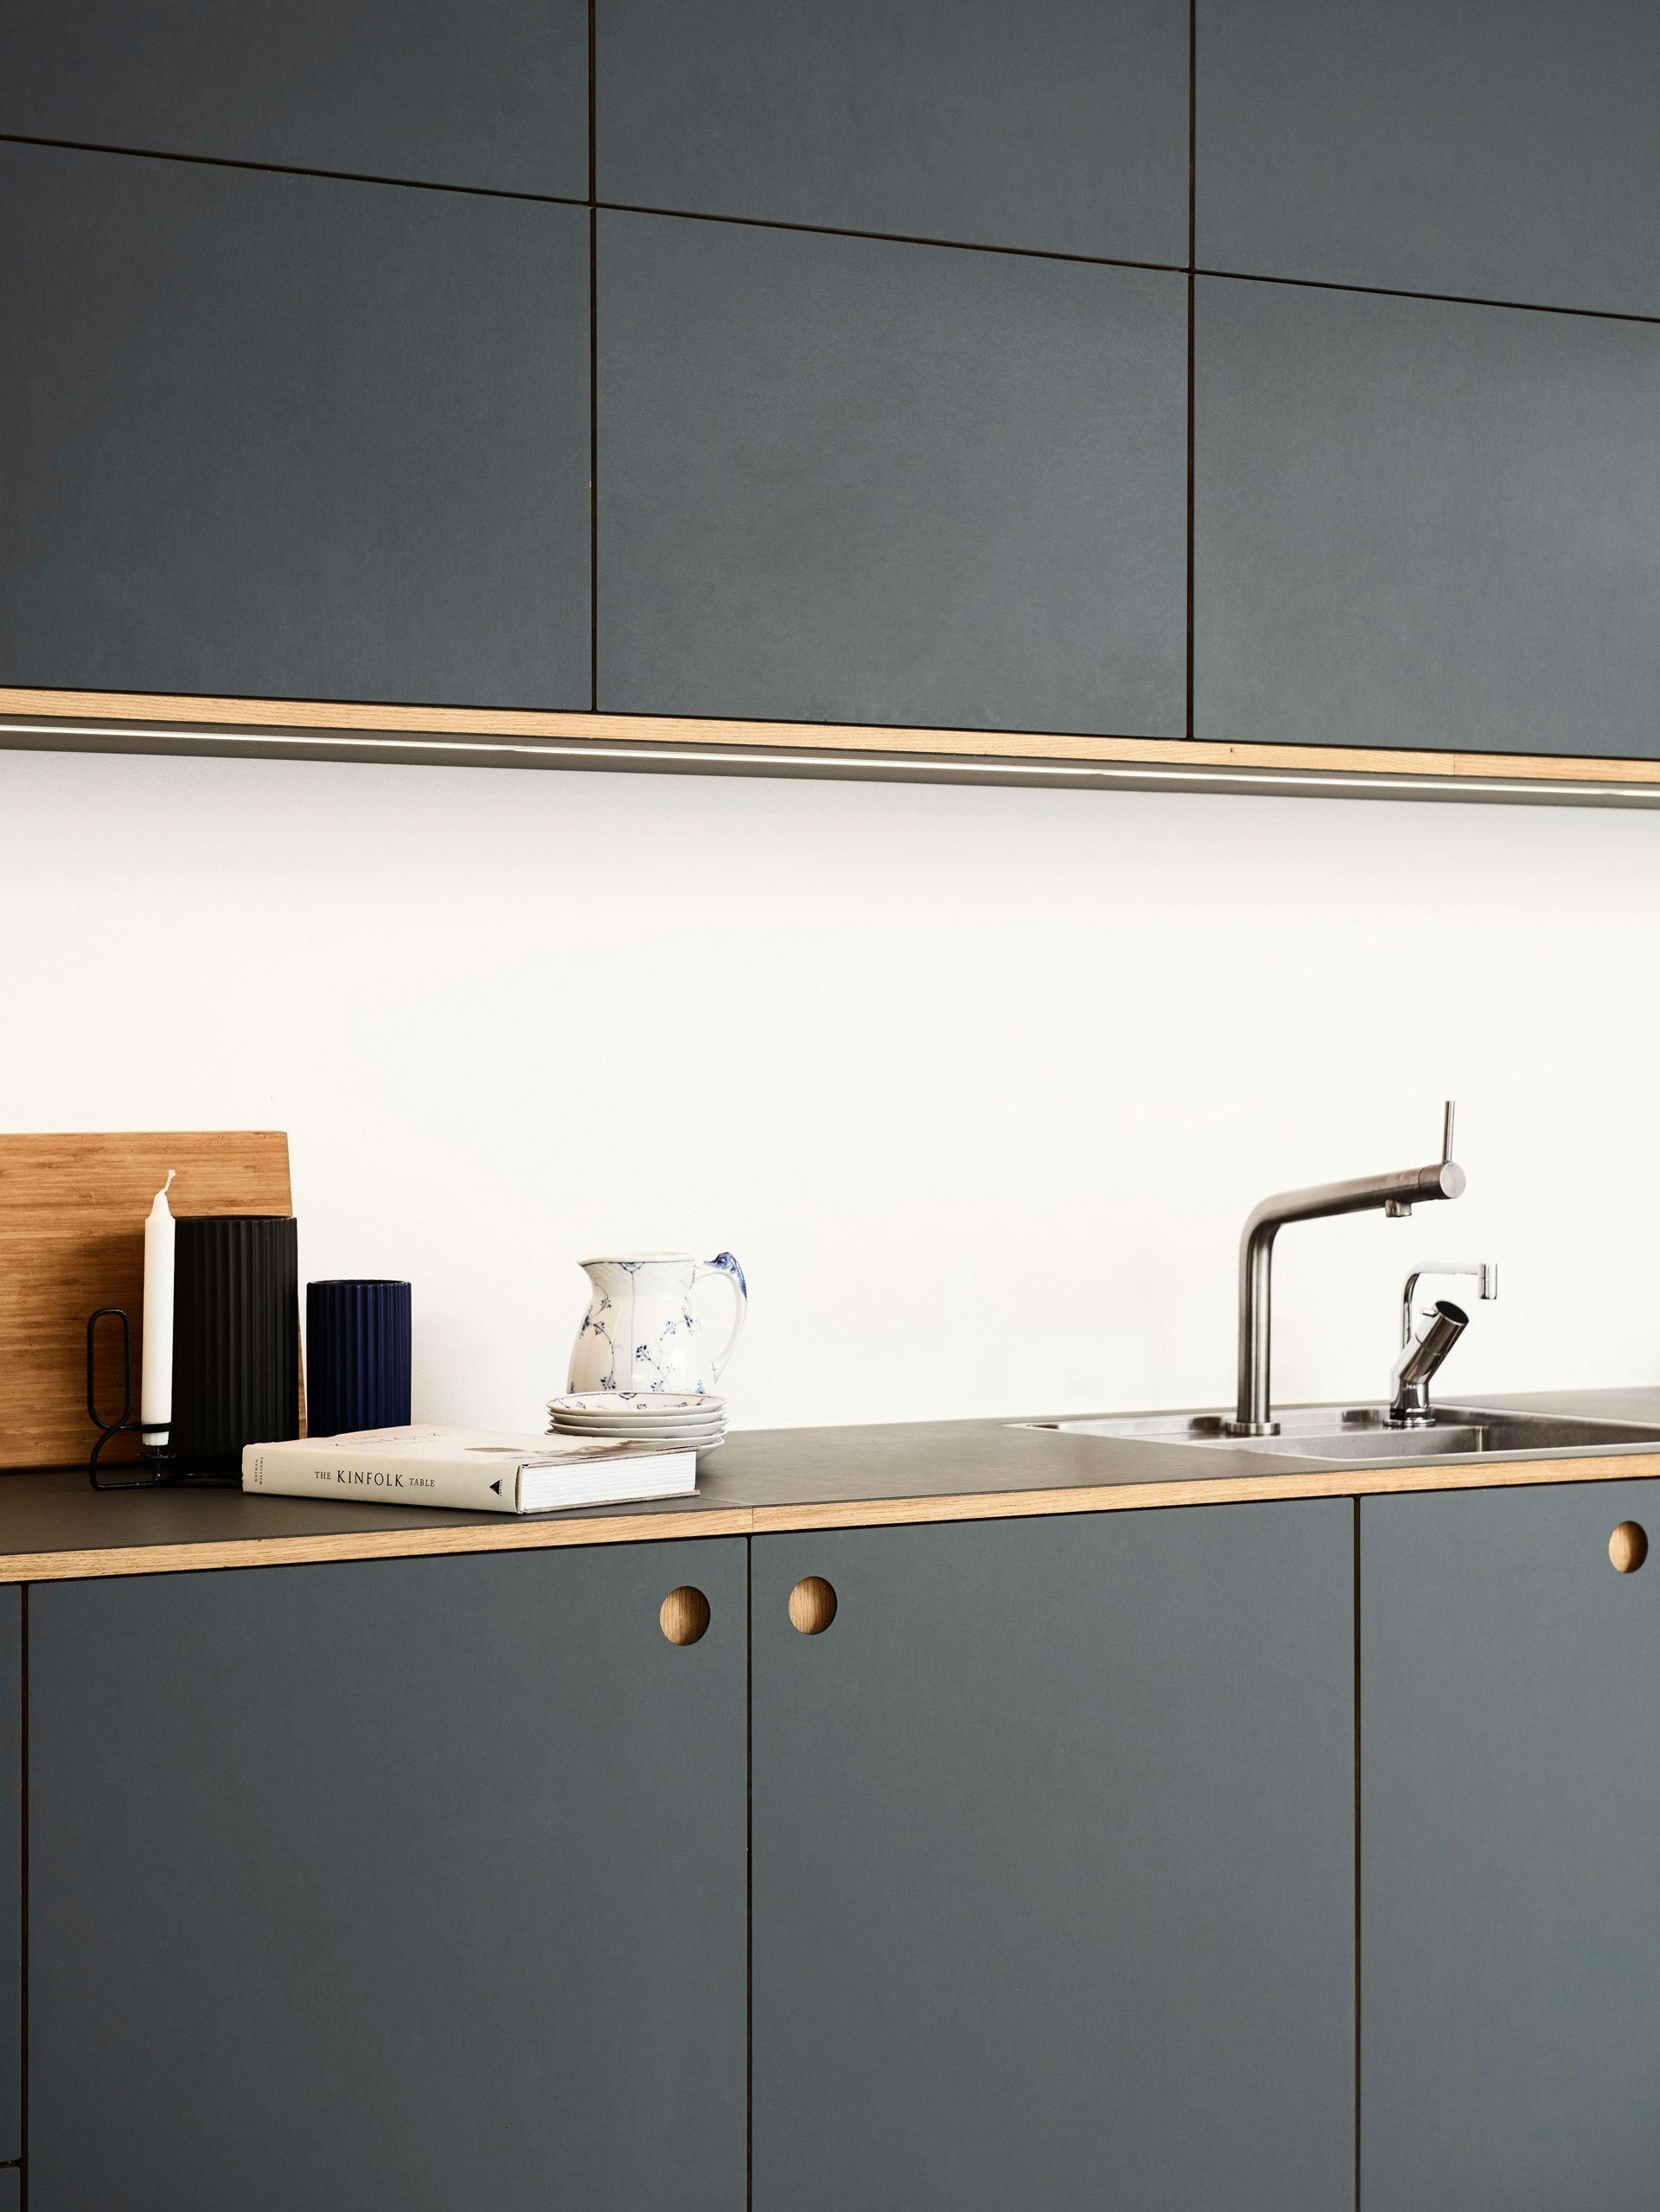 Reform Bild Anzeigen Kuchen Design Ikea Kuche Und Kuchendesign